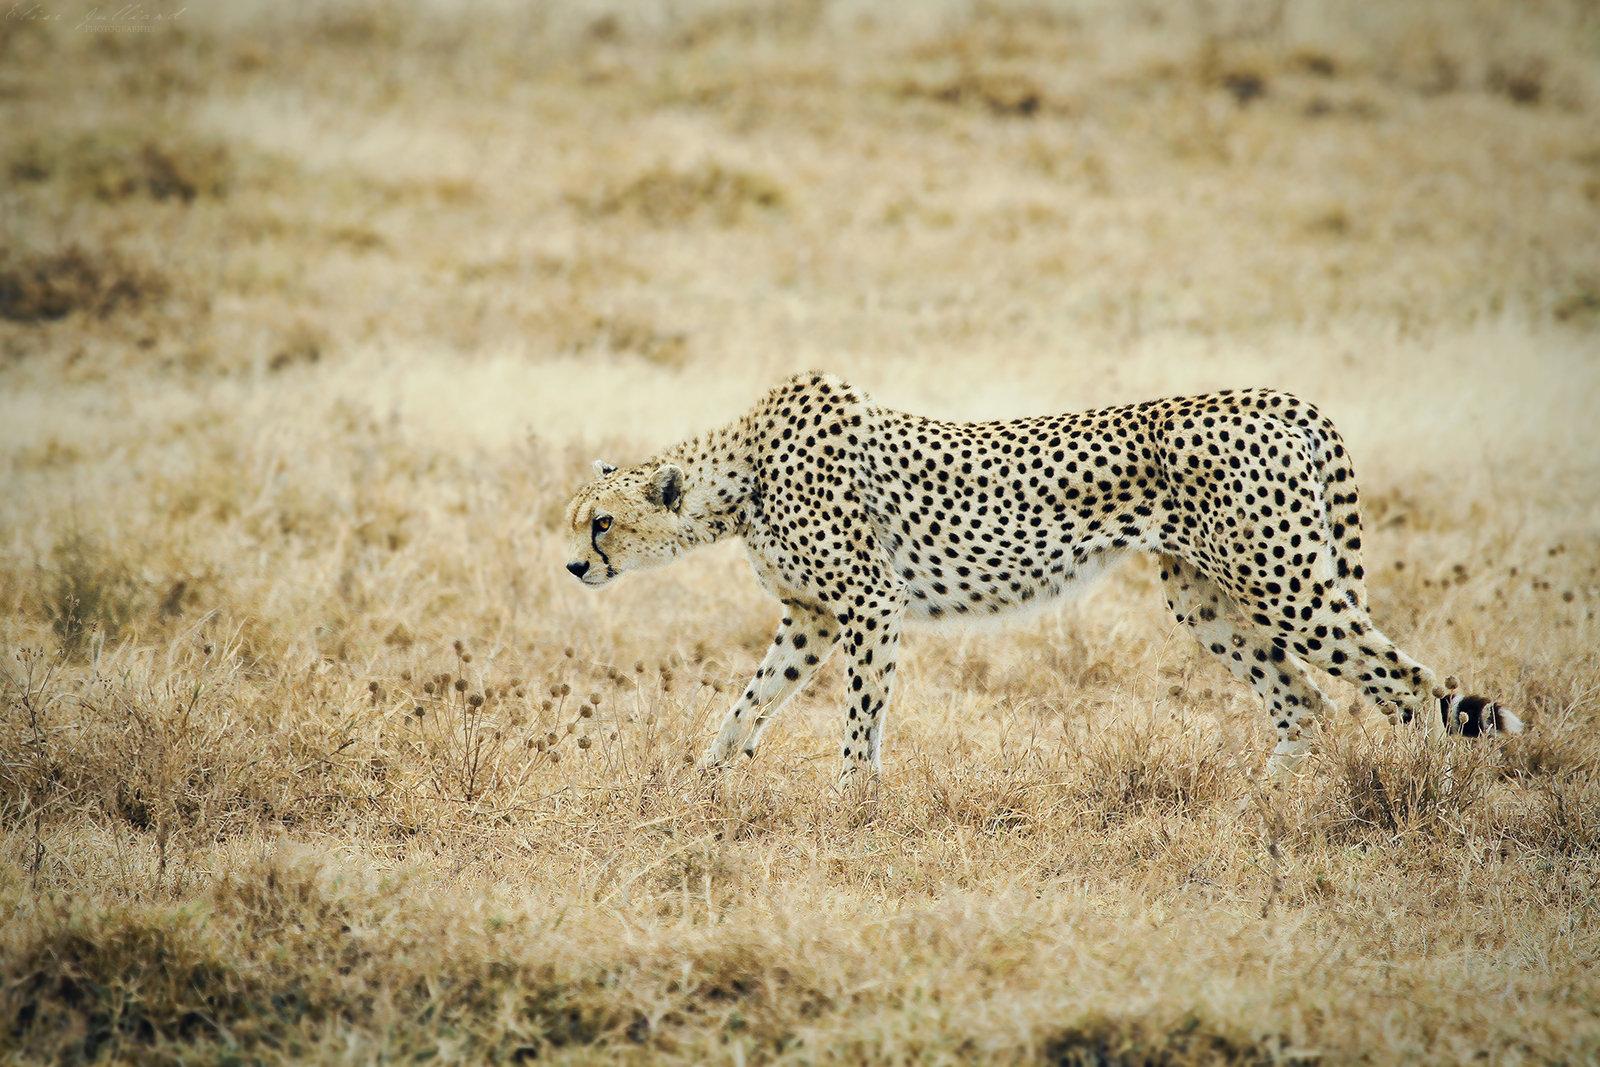 elise-julliard-photographe-tanzanie-guepard-cratere-du-ngorongoro-afrique